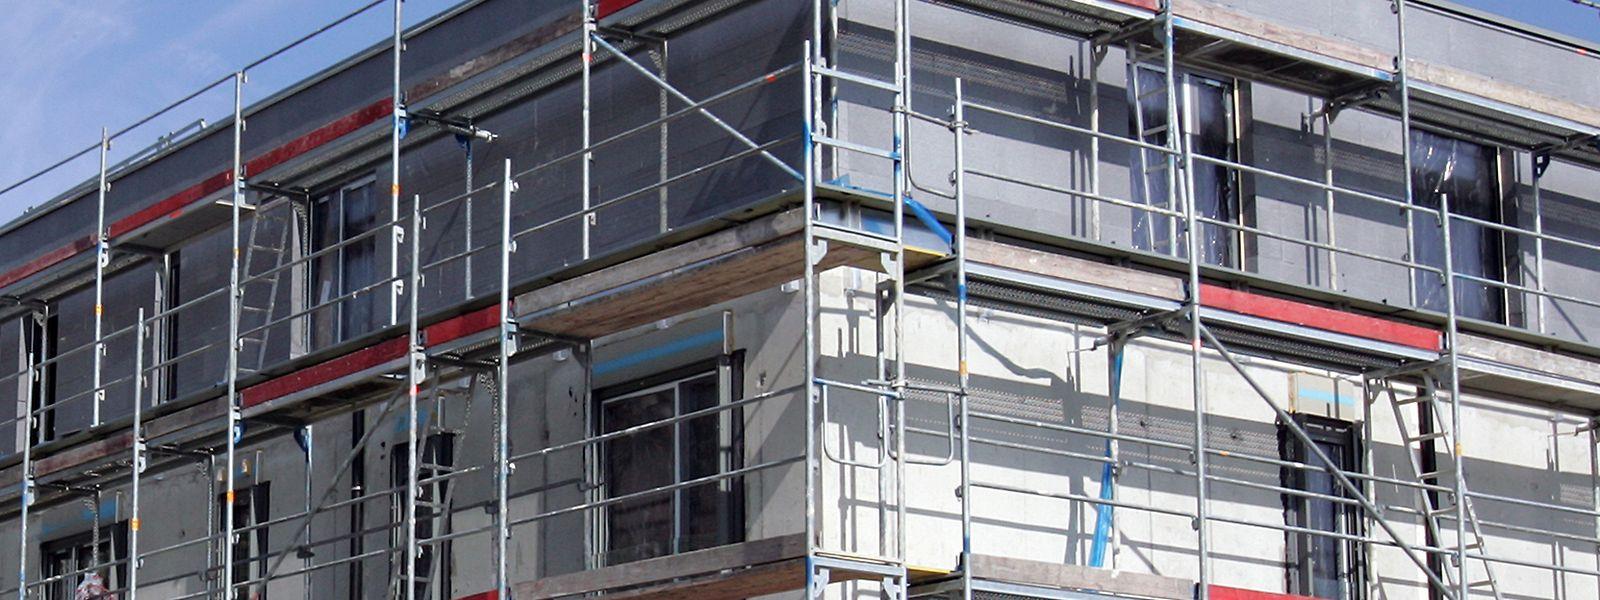 Trotz guter Konjunktur im Bausektor ist auch dort die Zahl der Konkurse deutlich gestiegen.